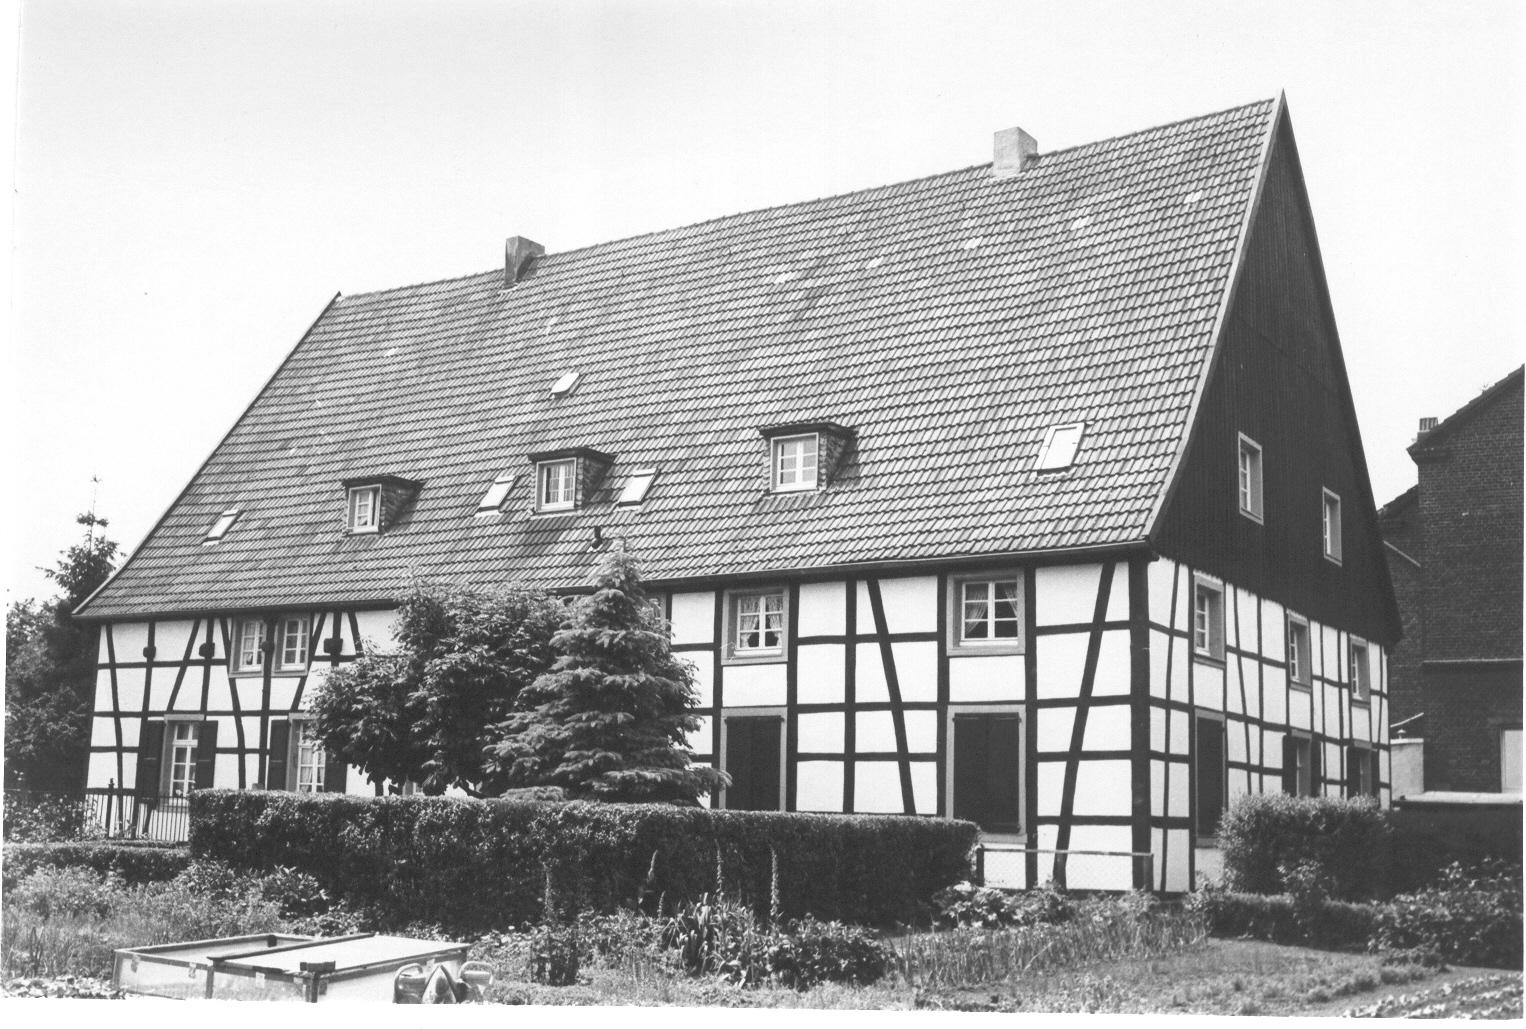 dieckhof mit Garten